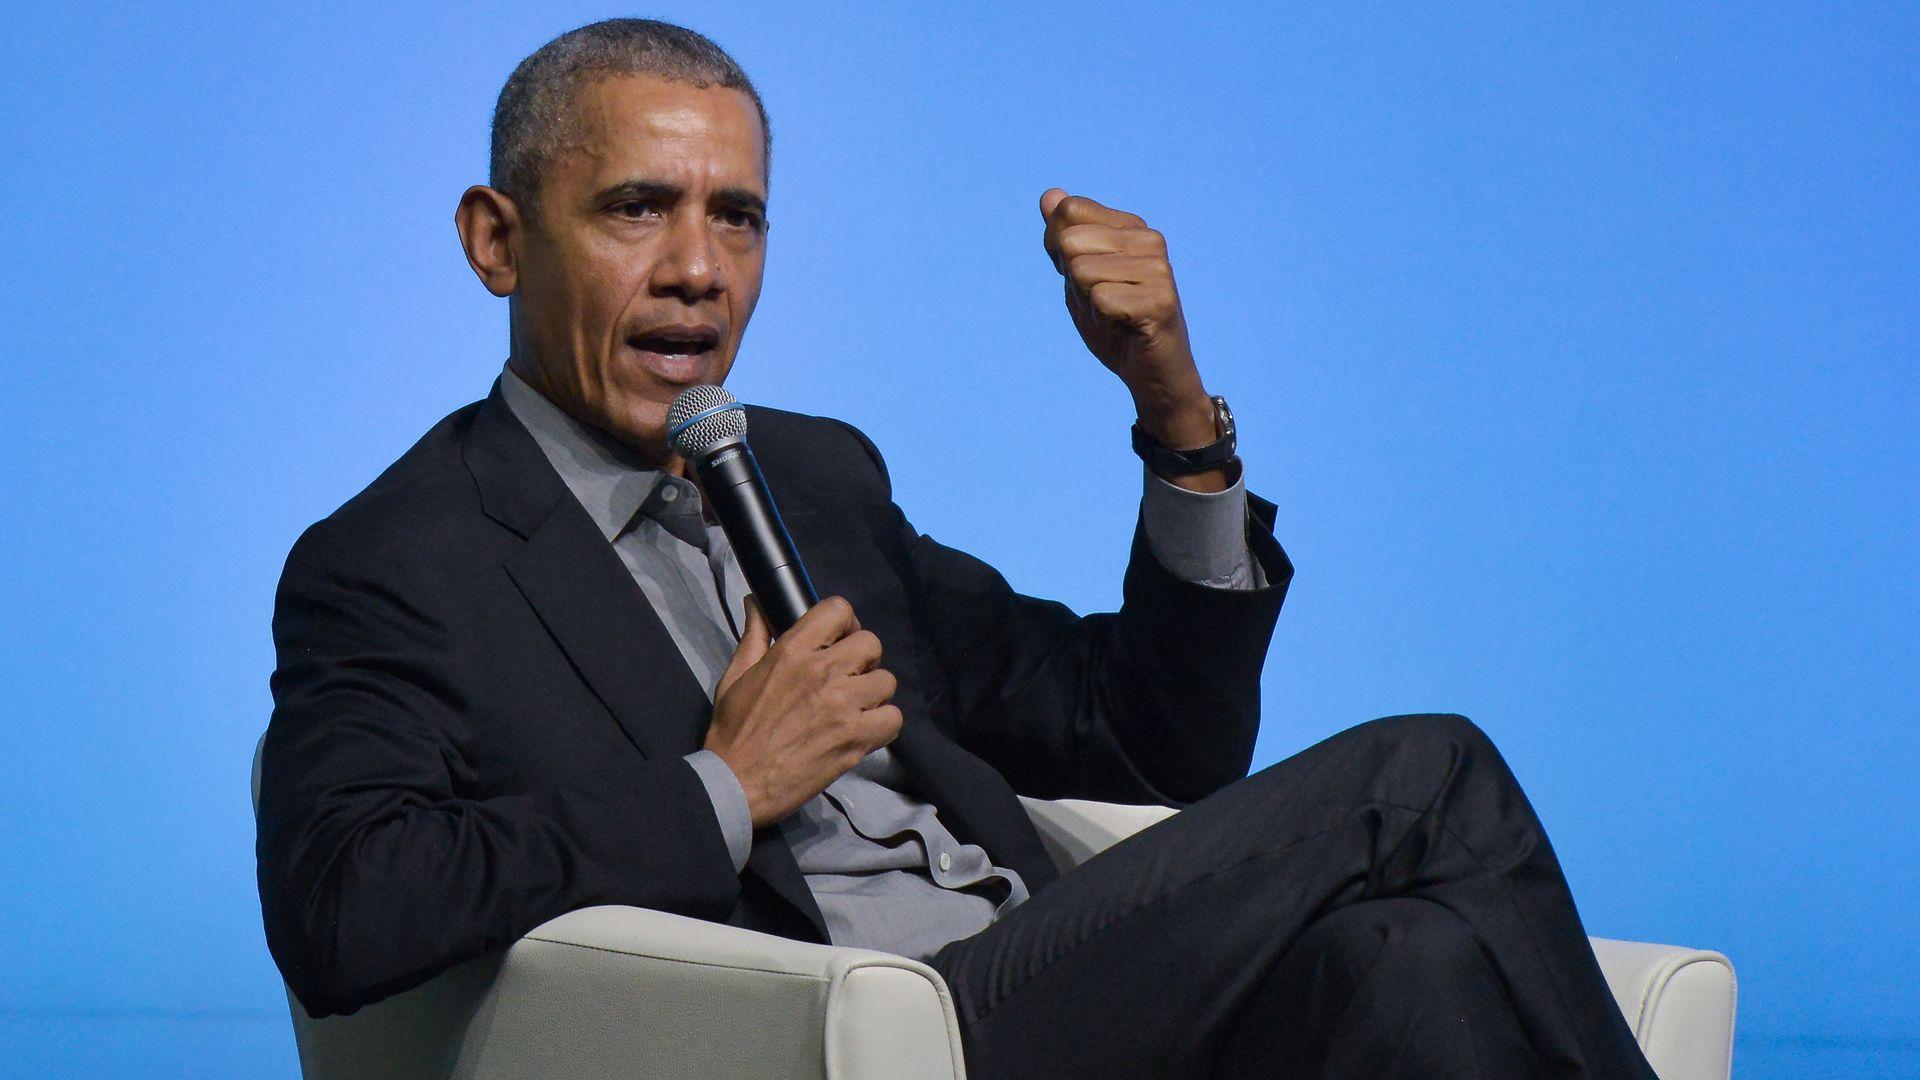 Barack Obama speaking in Kuala Lumpur, Malaysia